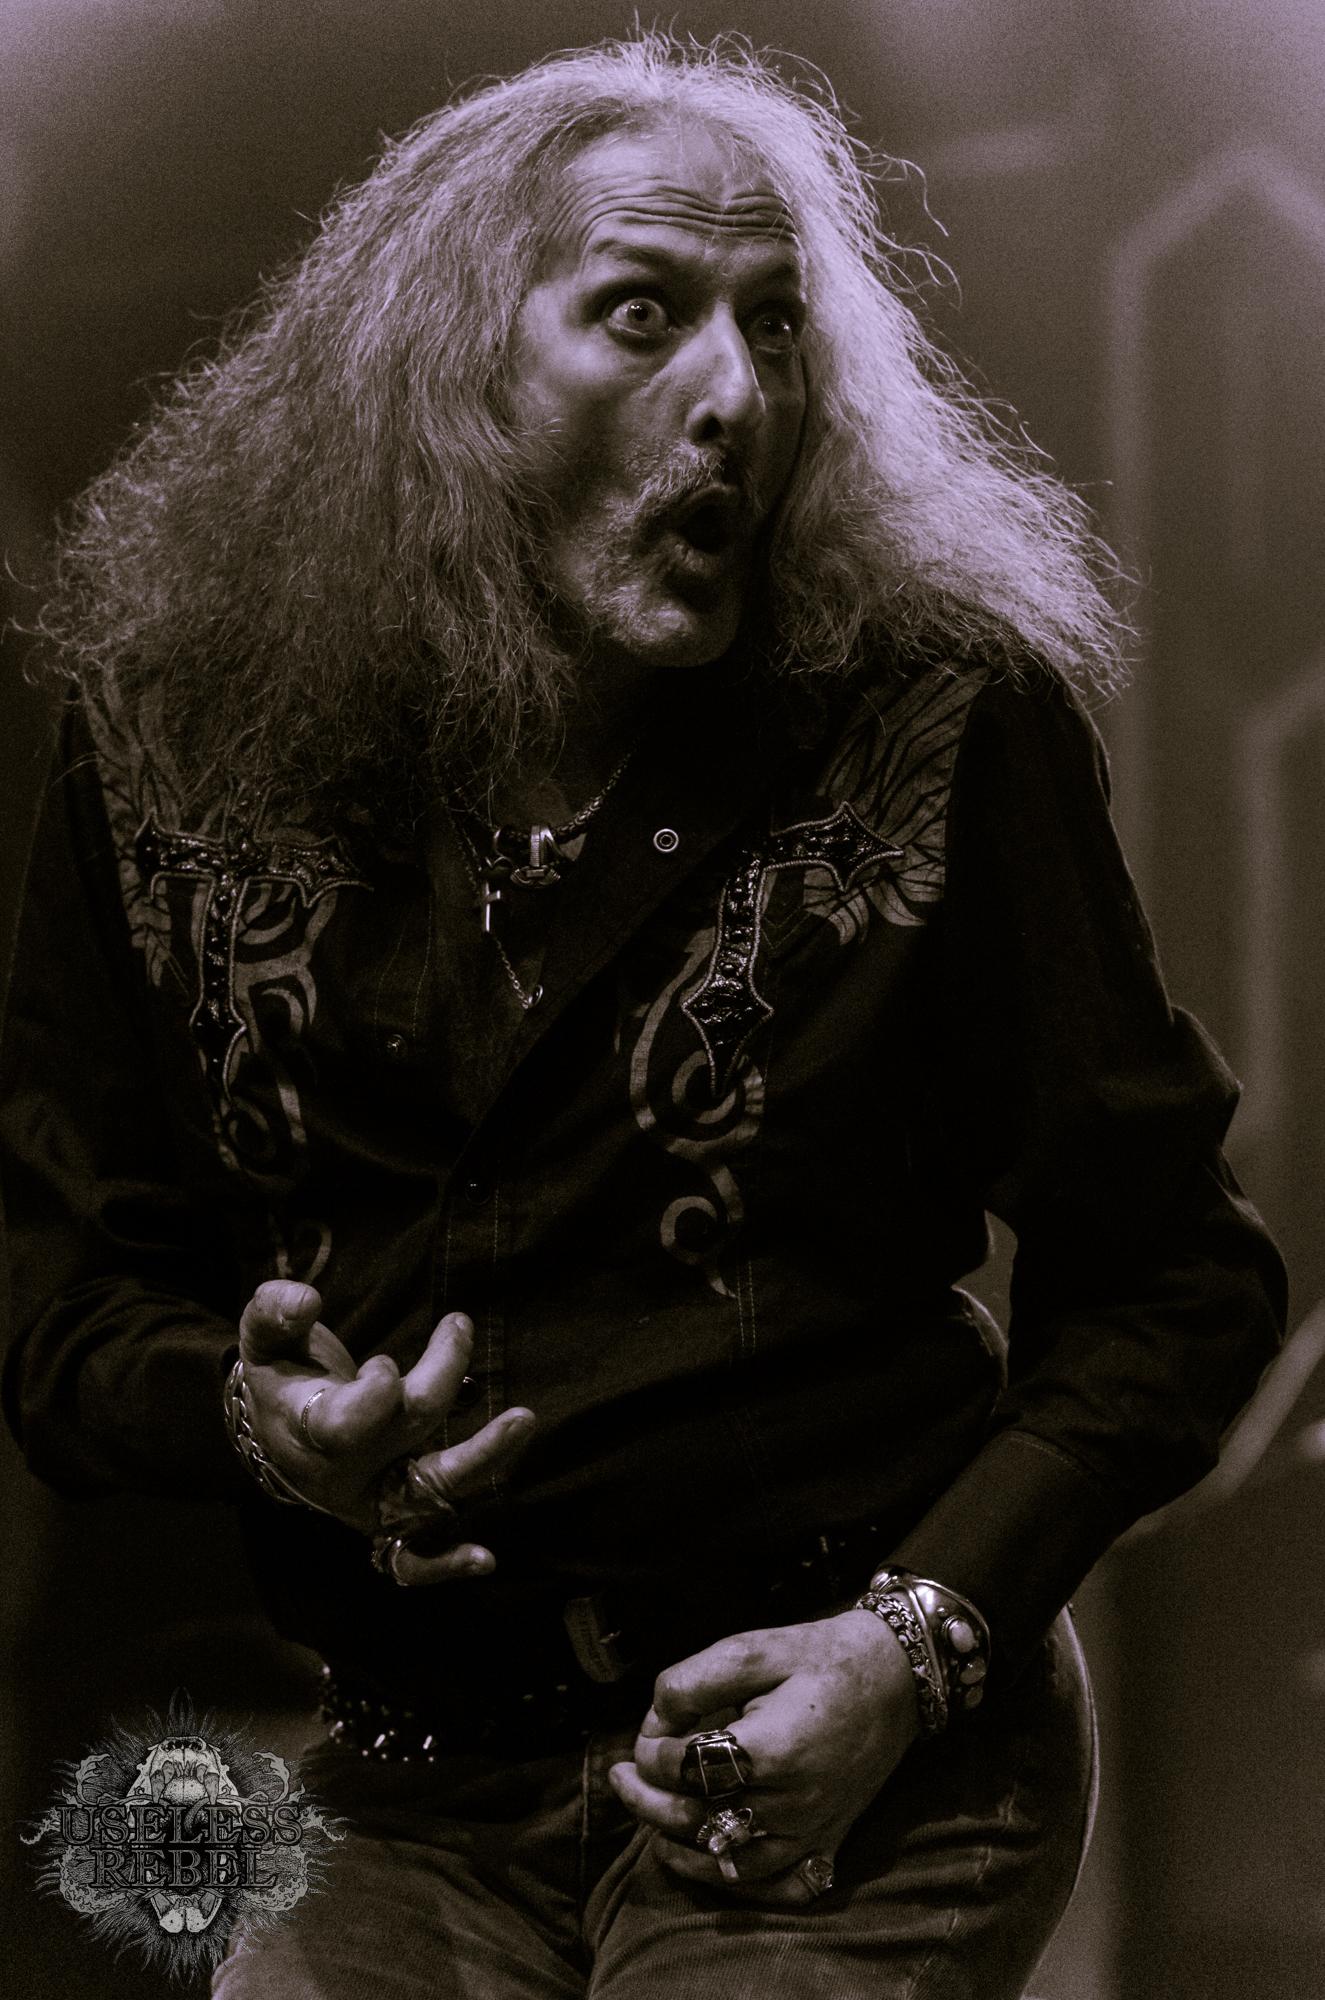 Bobby Liebling w/ Pentagram